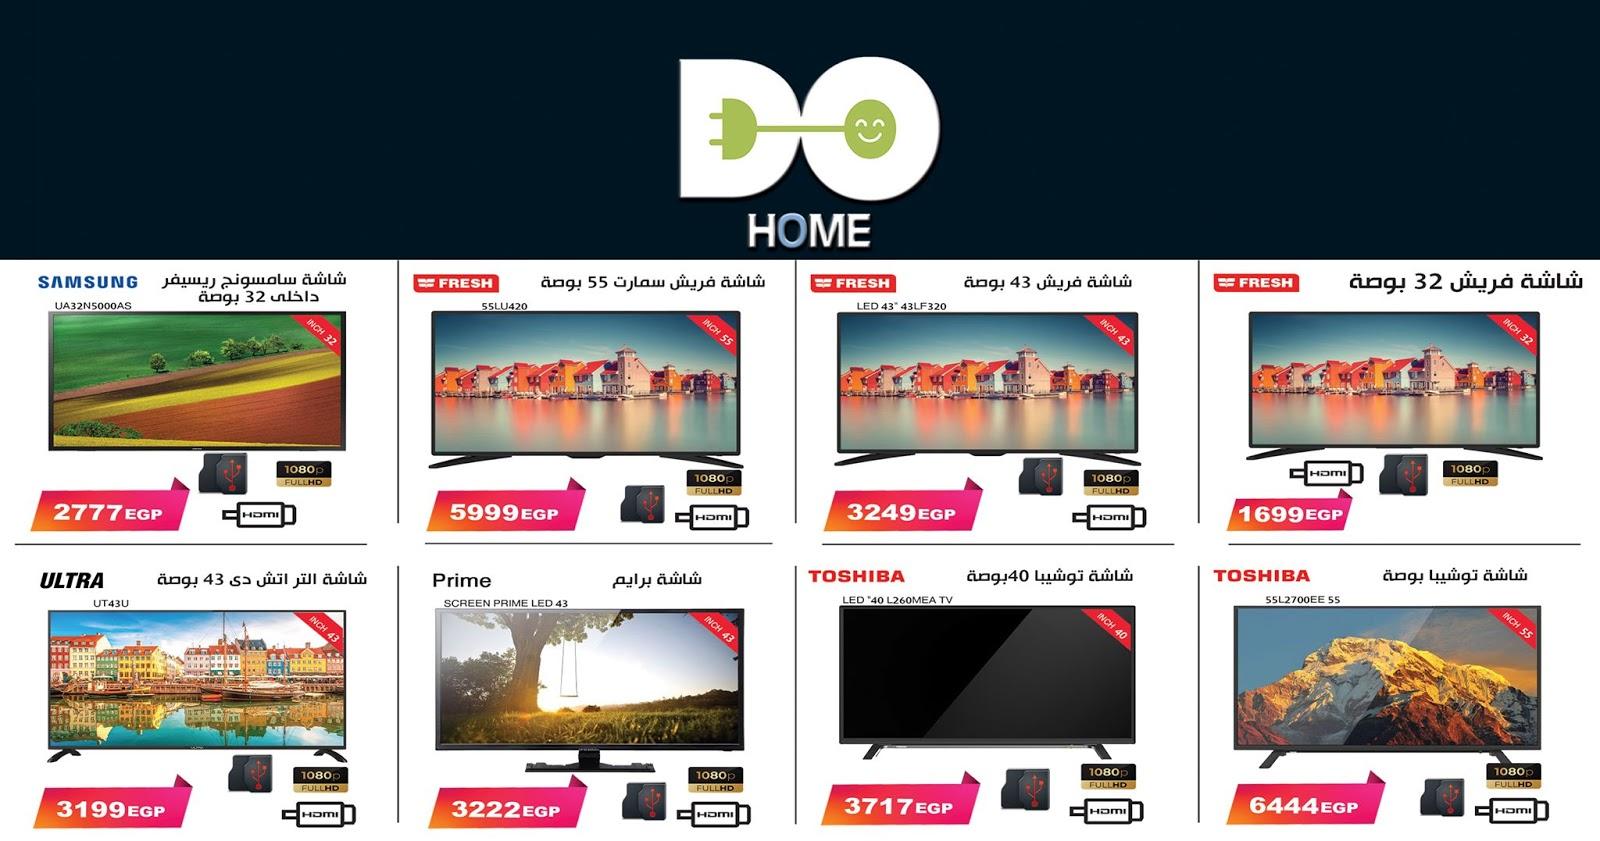 عروض دو هوم Do-Home من 28 يناير 2020 حتى نفاذ الكمية عروض حصرية